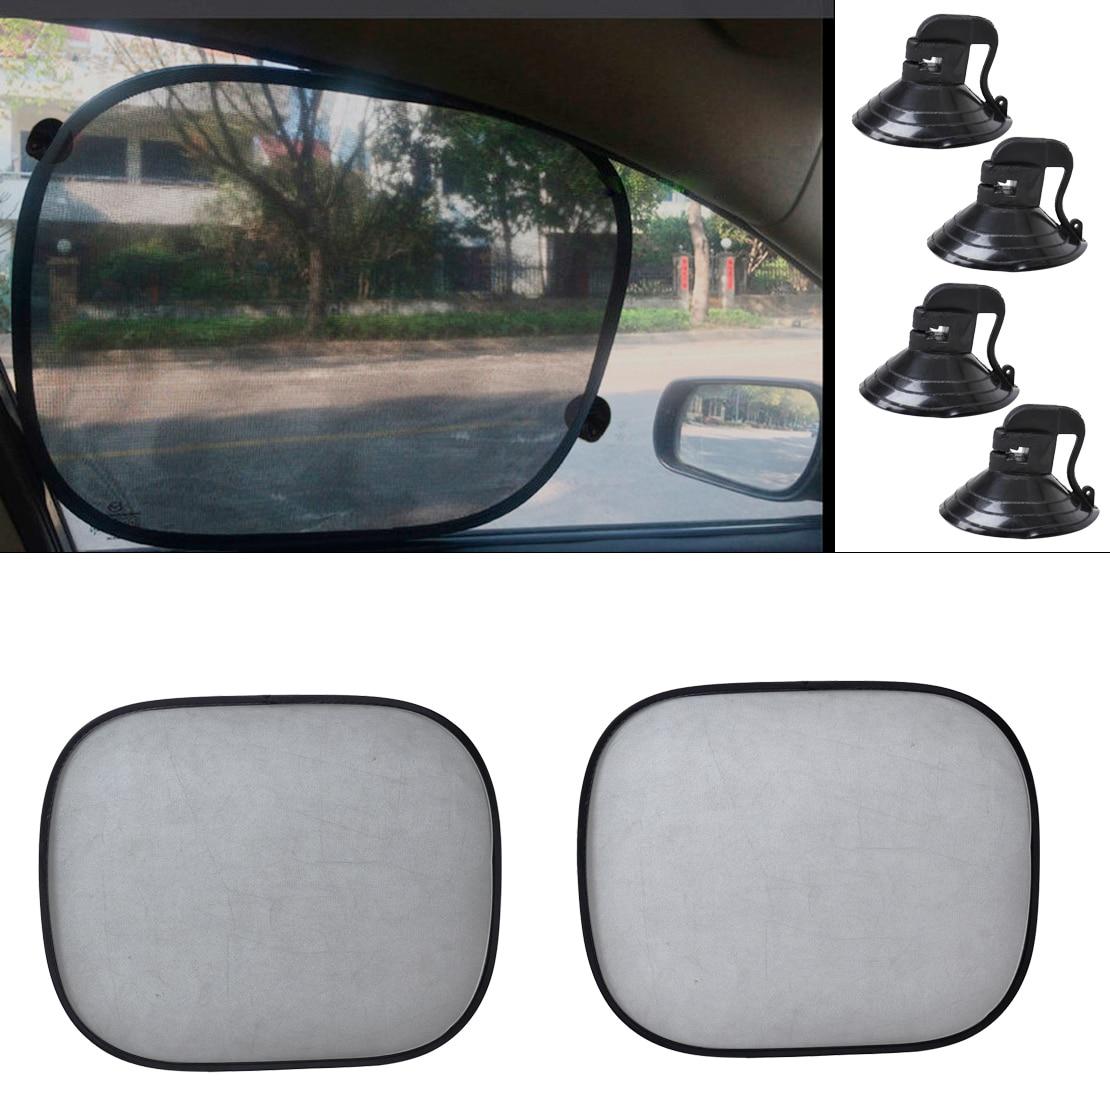 DWCX 2шт складнае бакавое акно аўтамабіля Сэнс экрана казырка экрана казырка для Ford Focus Audi A4 A6 BMW E90 VW Golf Kia Rio Mazda 3